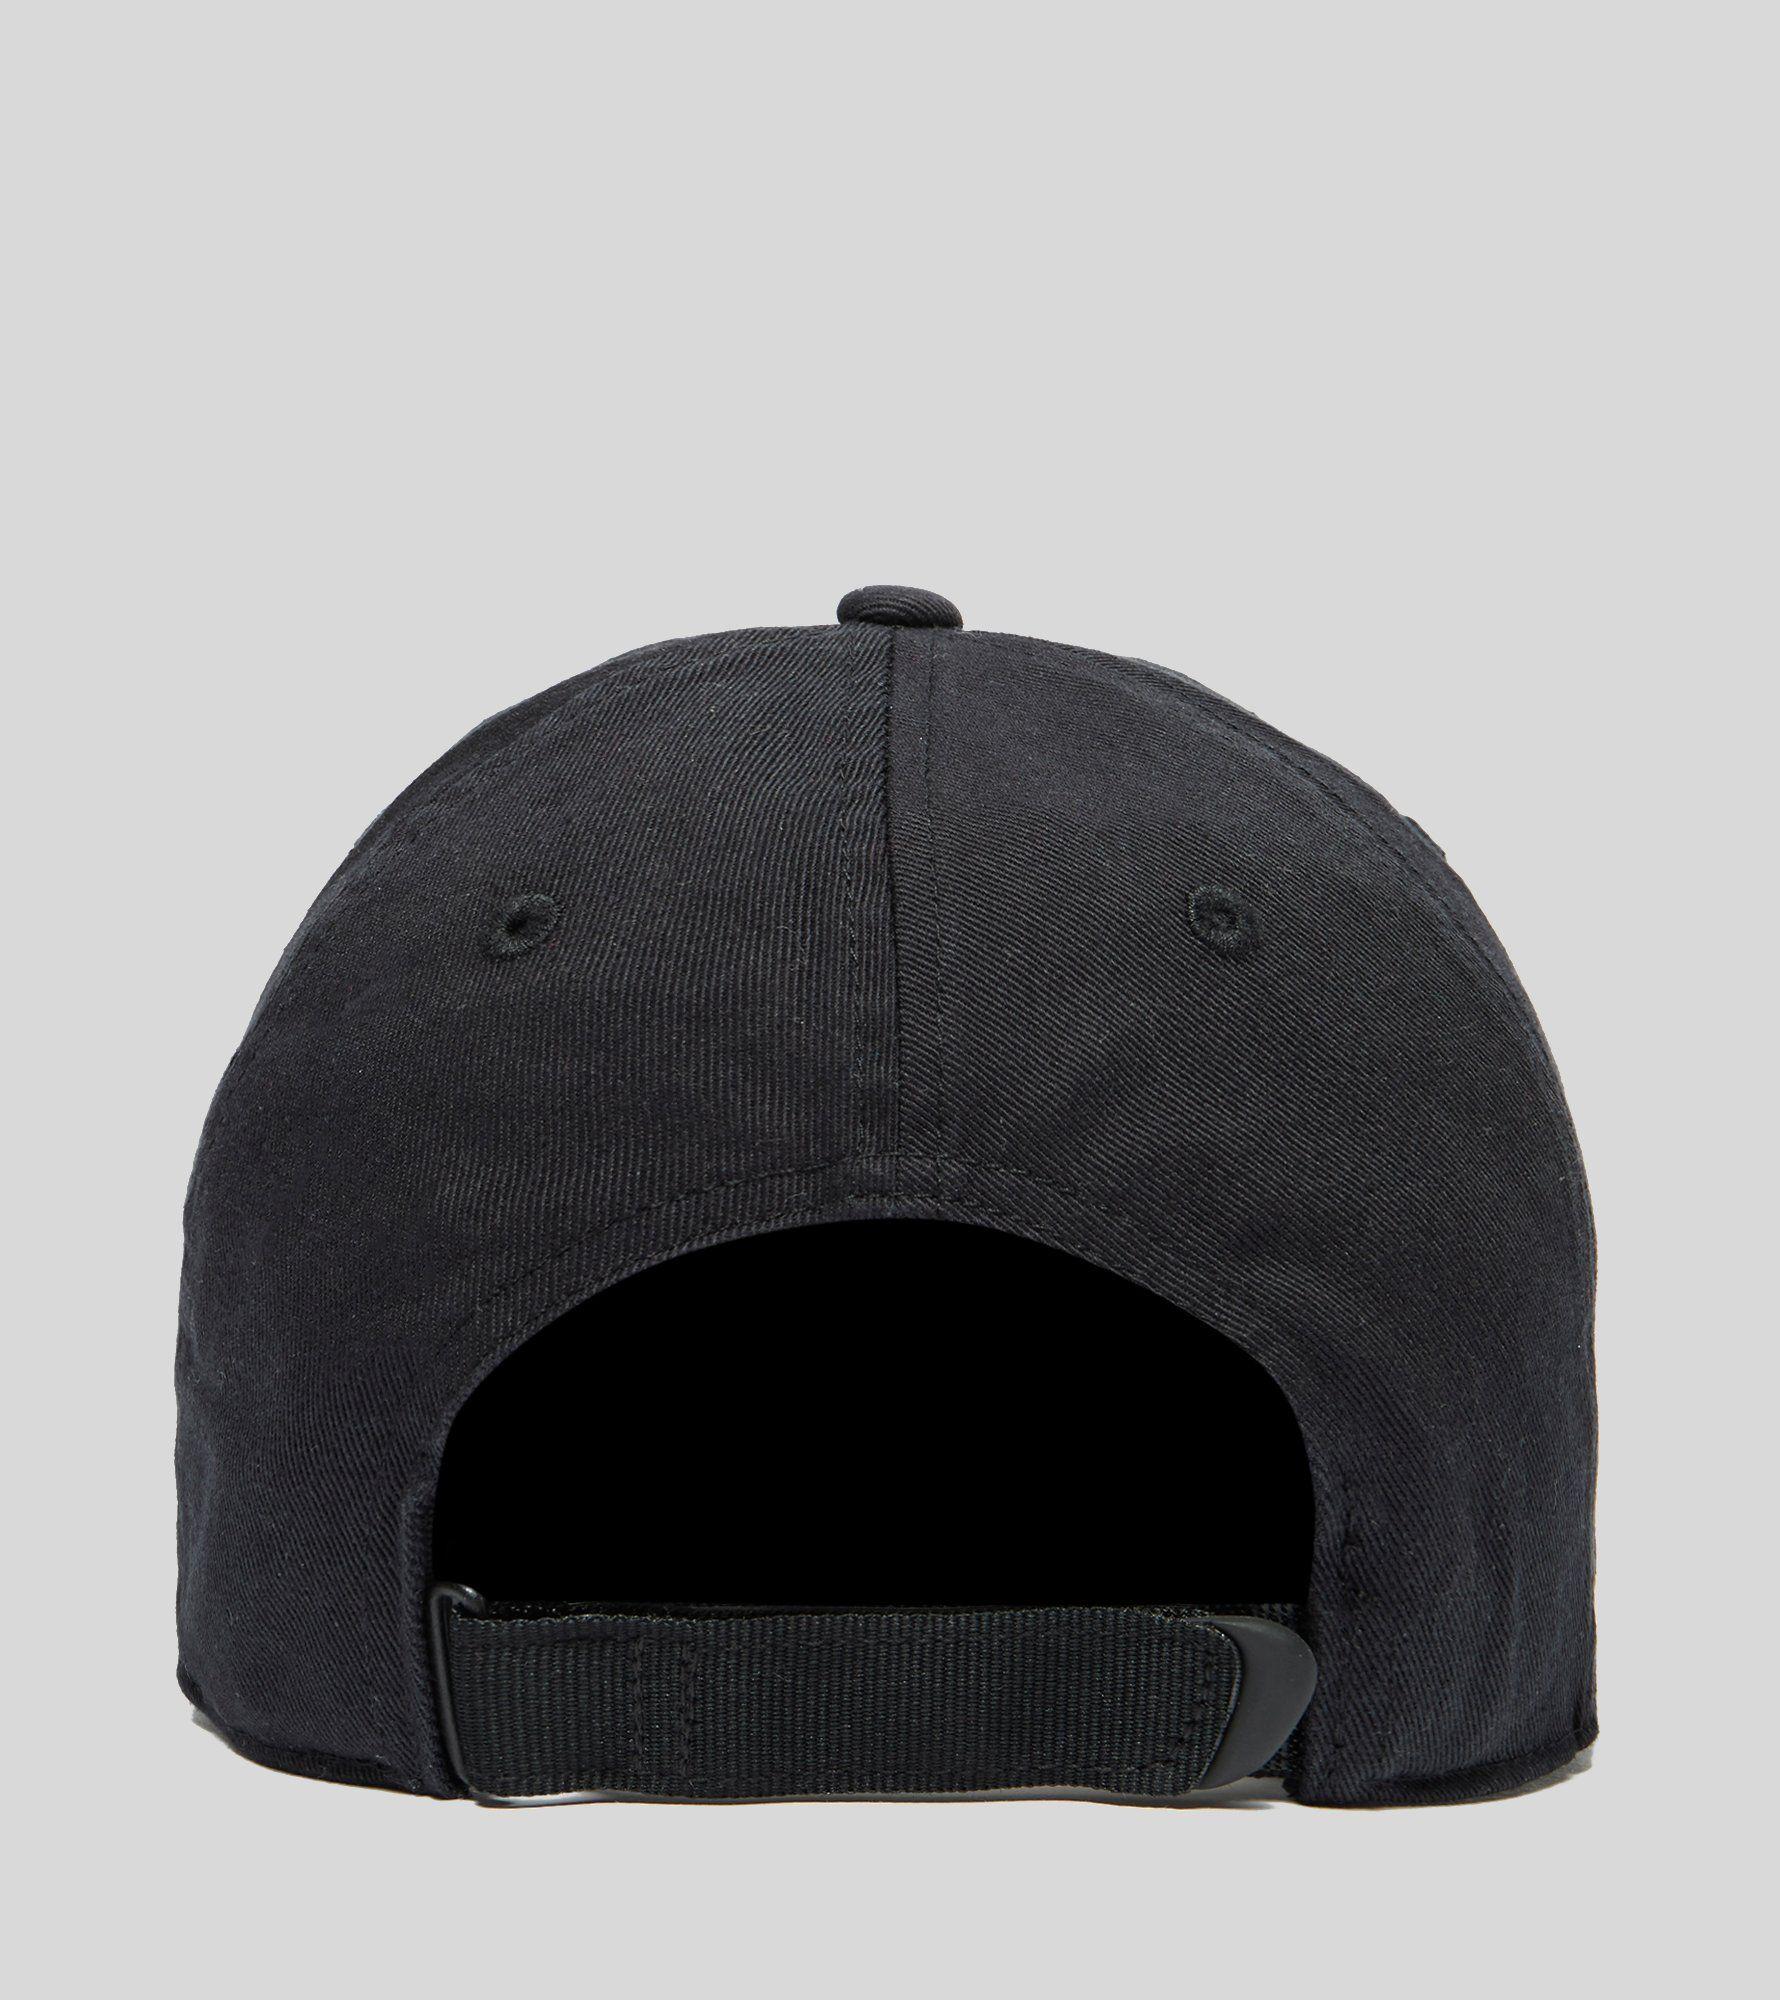 Nike Air Heritage 86 Cap